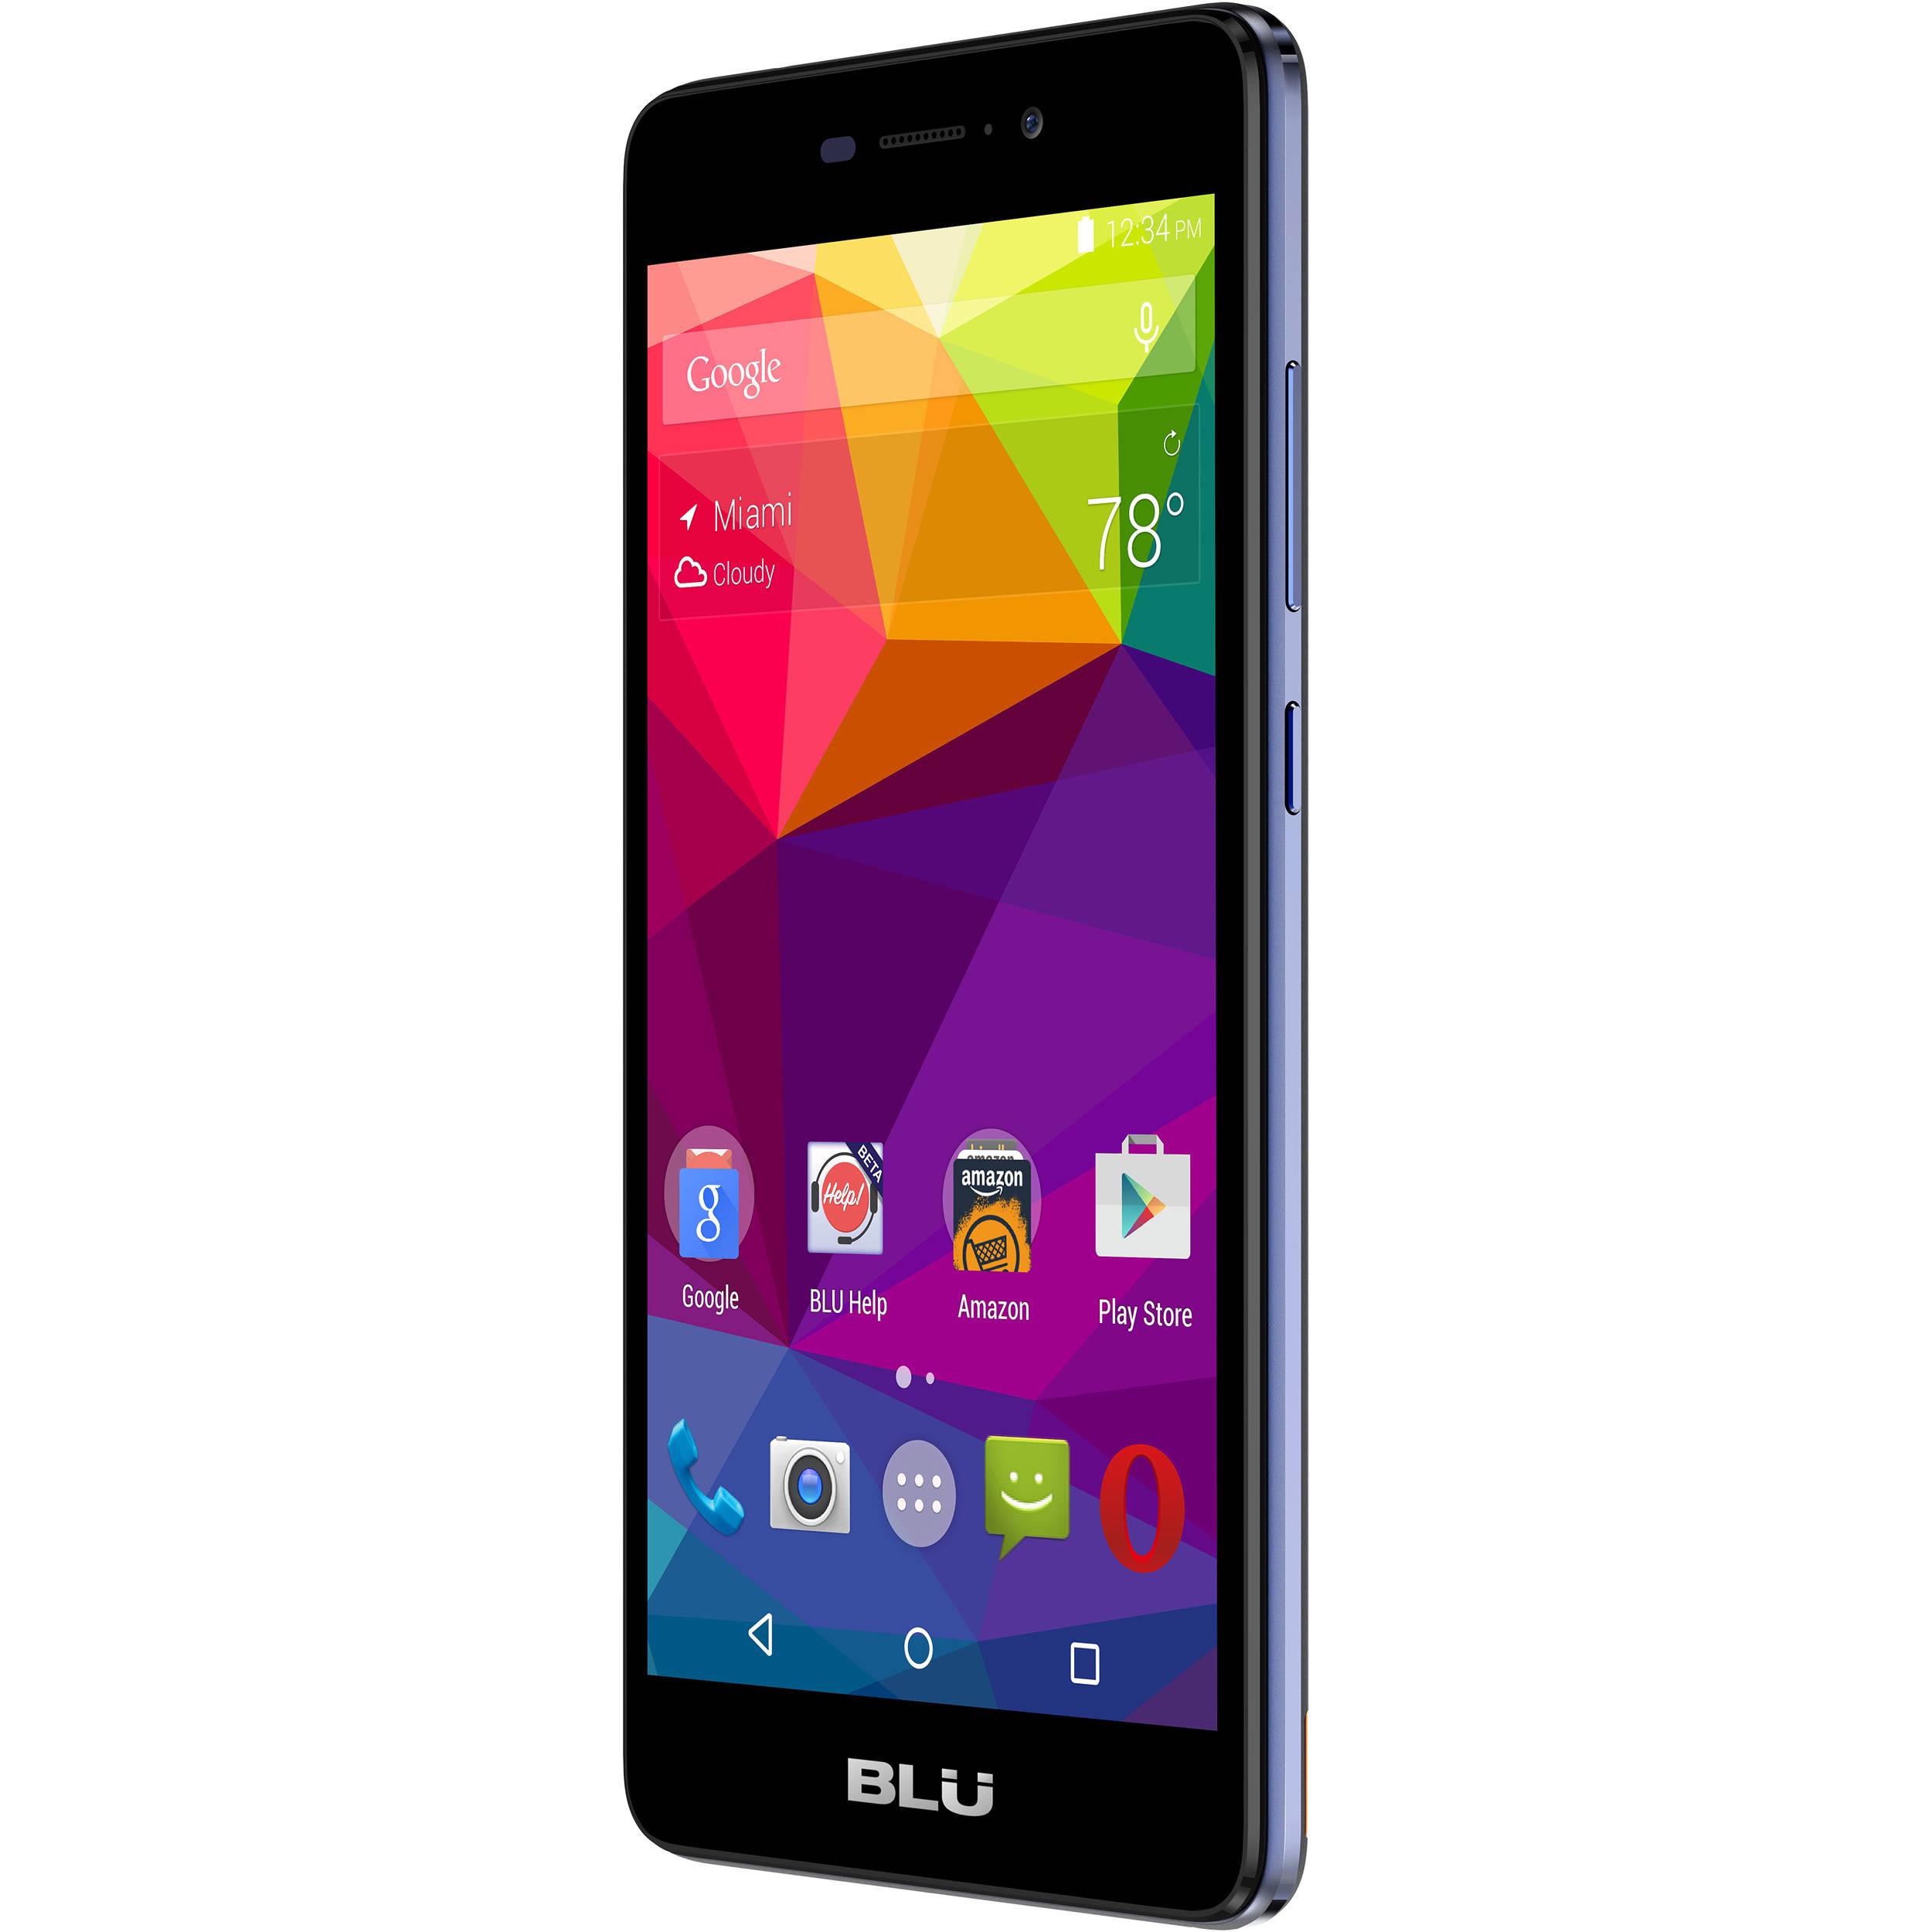 blu life xl l050u 8gb smartphone unlocked black l050u black. Black Bedroom Furniture Sets. Home Design Ideas